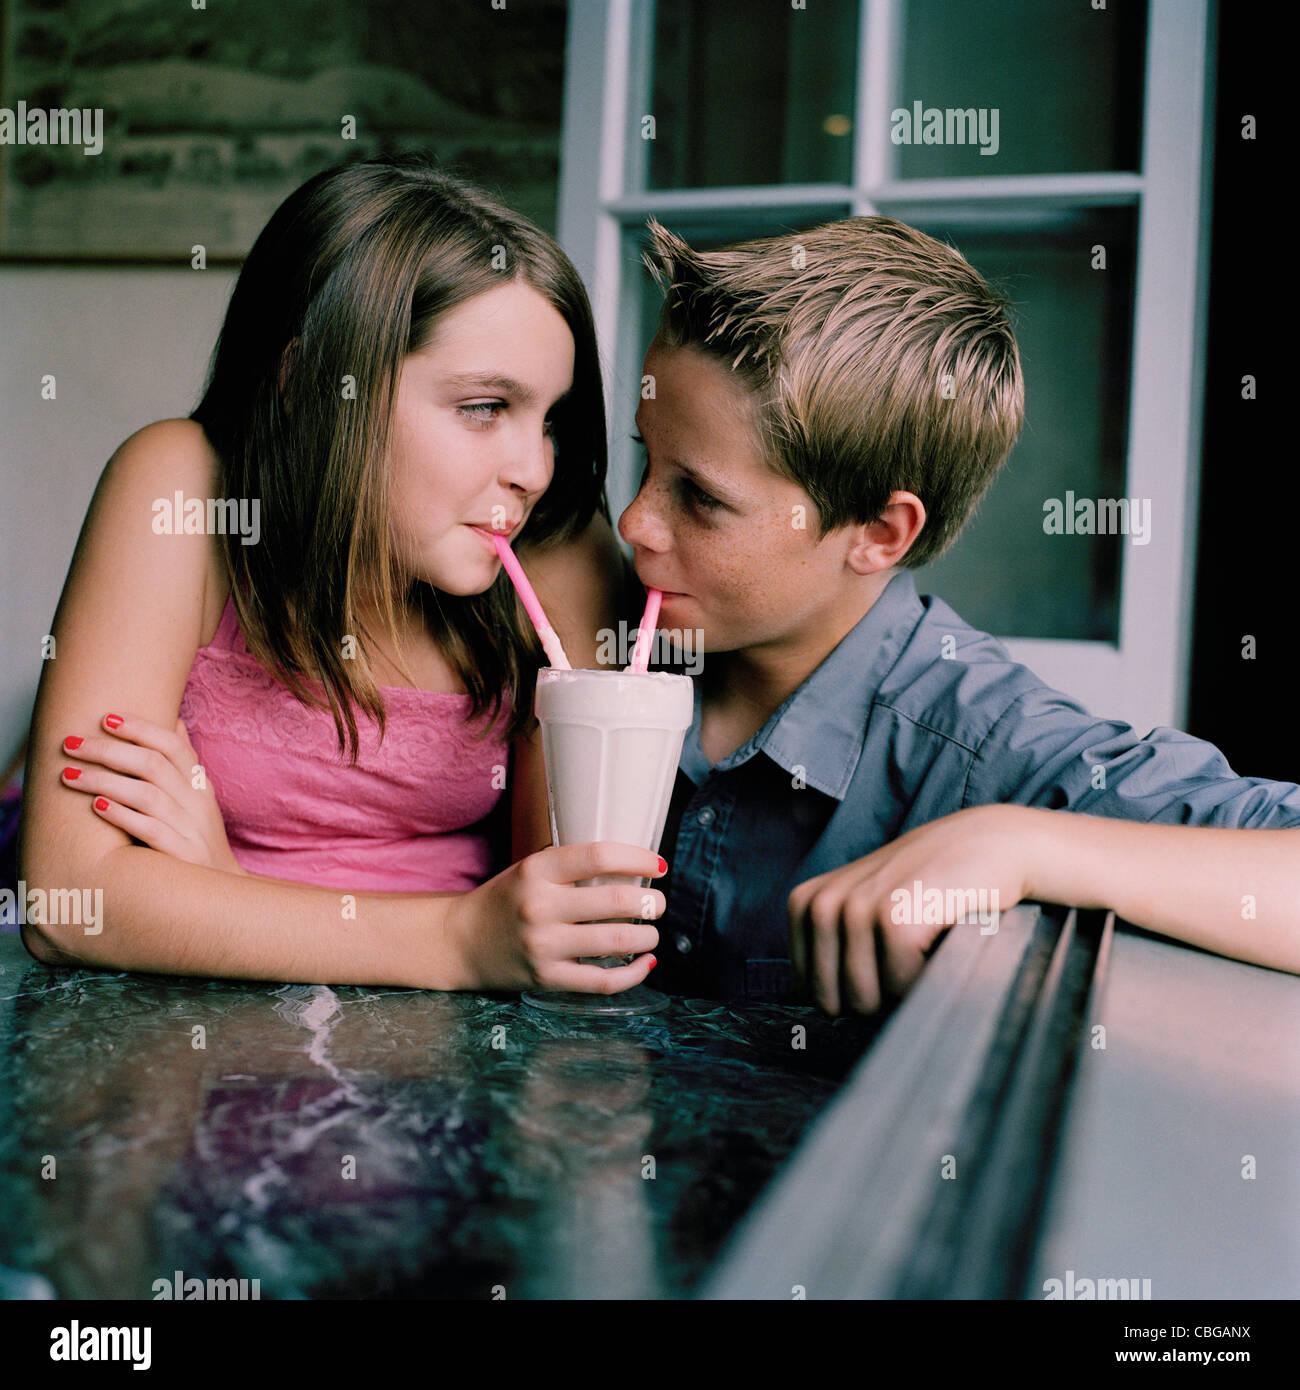 Una giovane coppia adolescenti la condivisione di un frullato a diner Immagini Stock